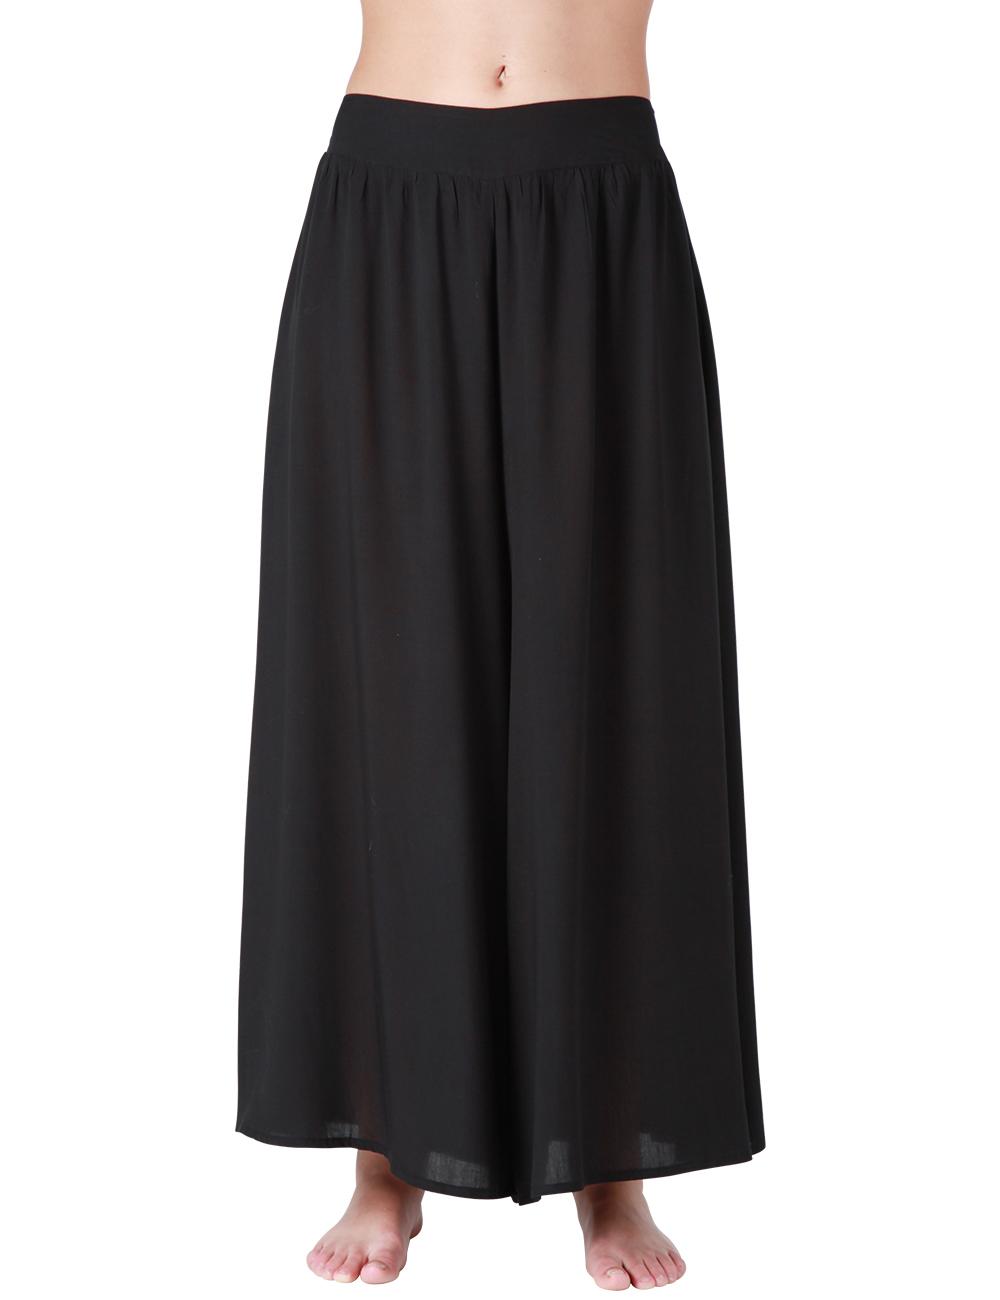 pantalon large noir. Black Bedroom Furniture Sets. Home Design Ideas